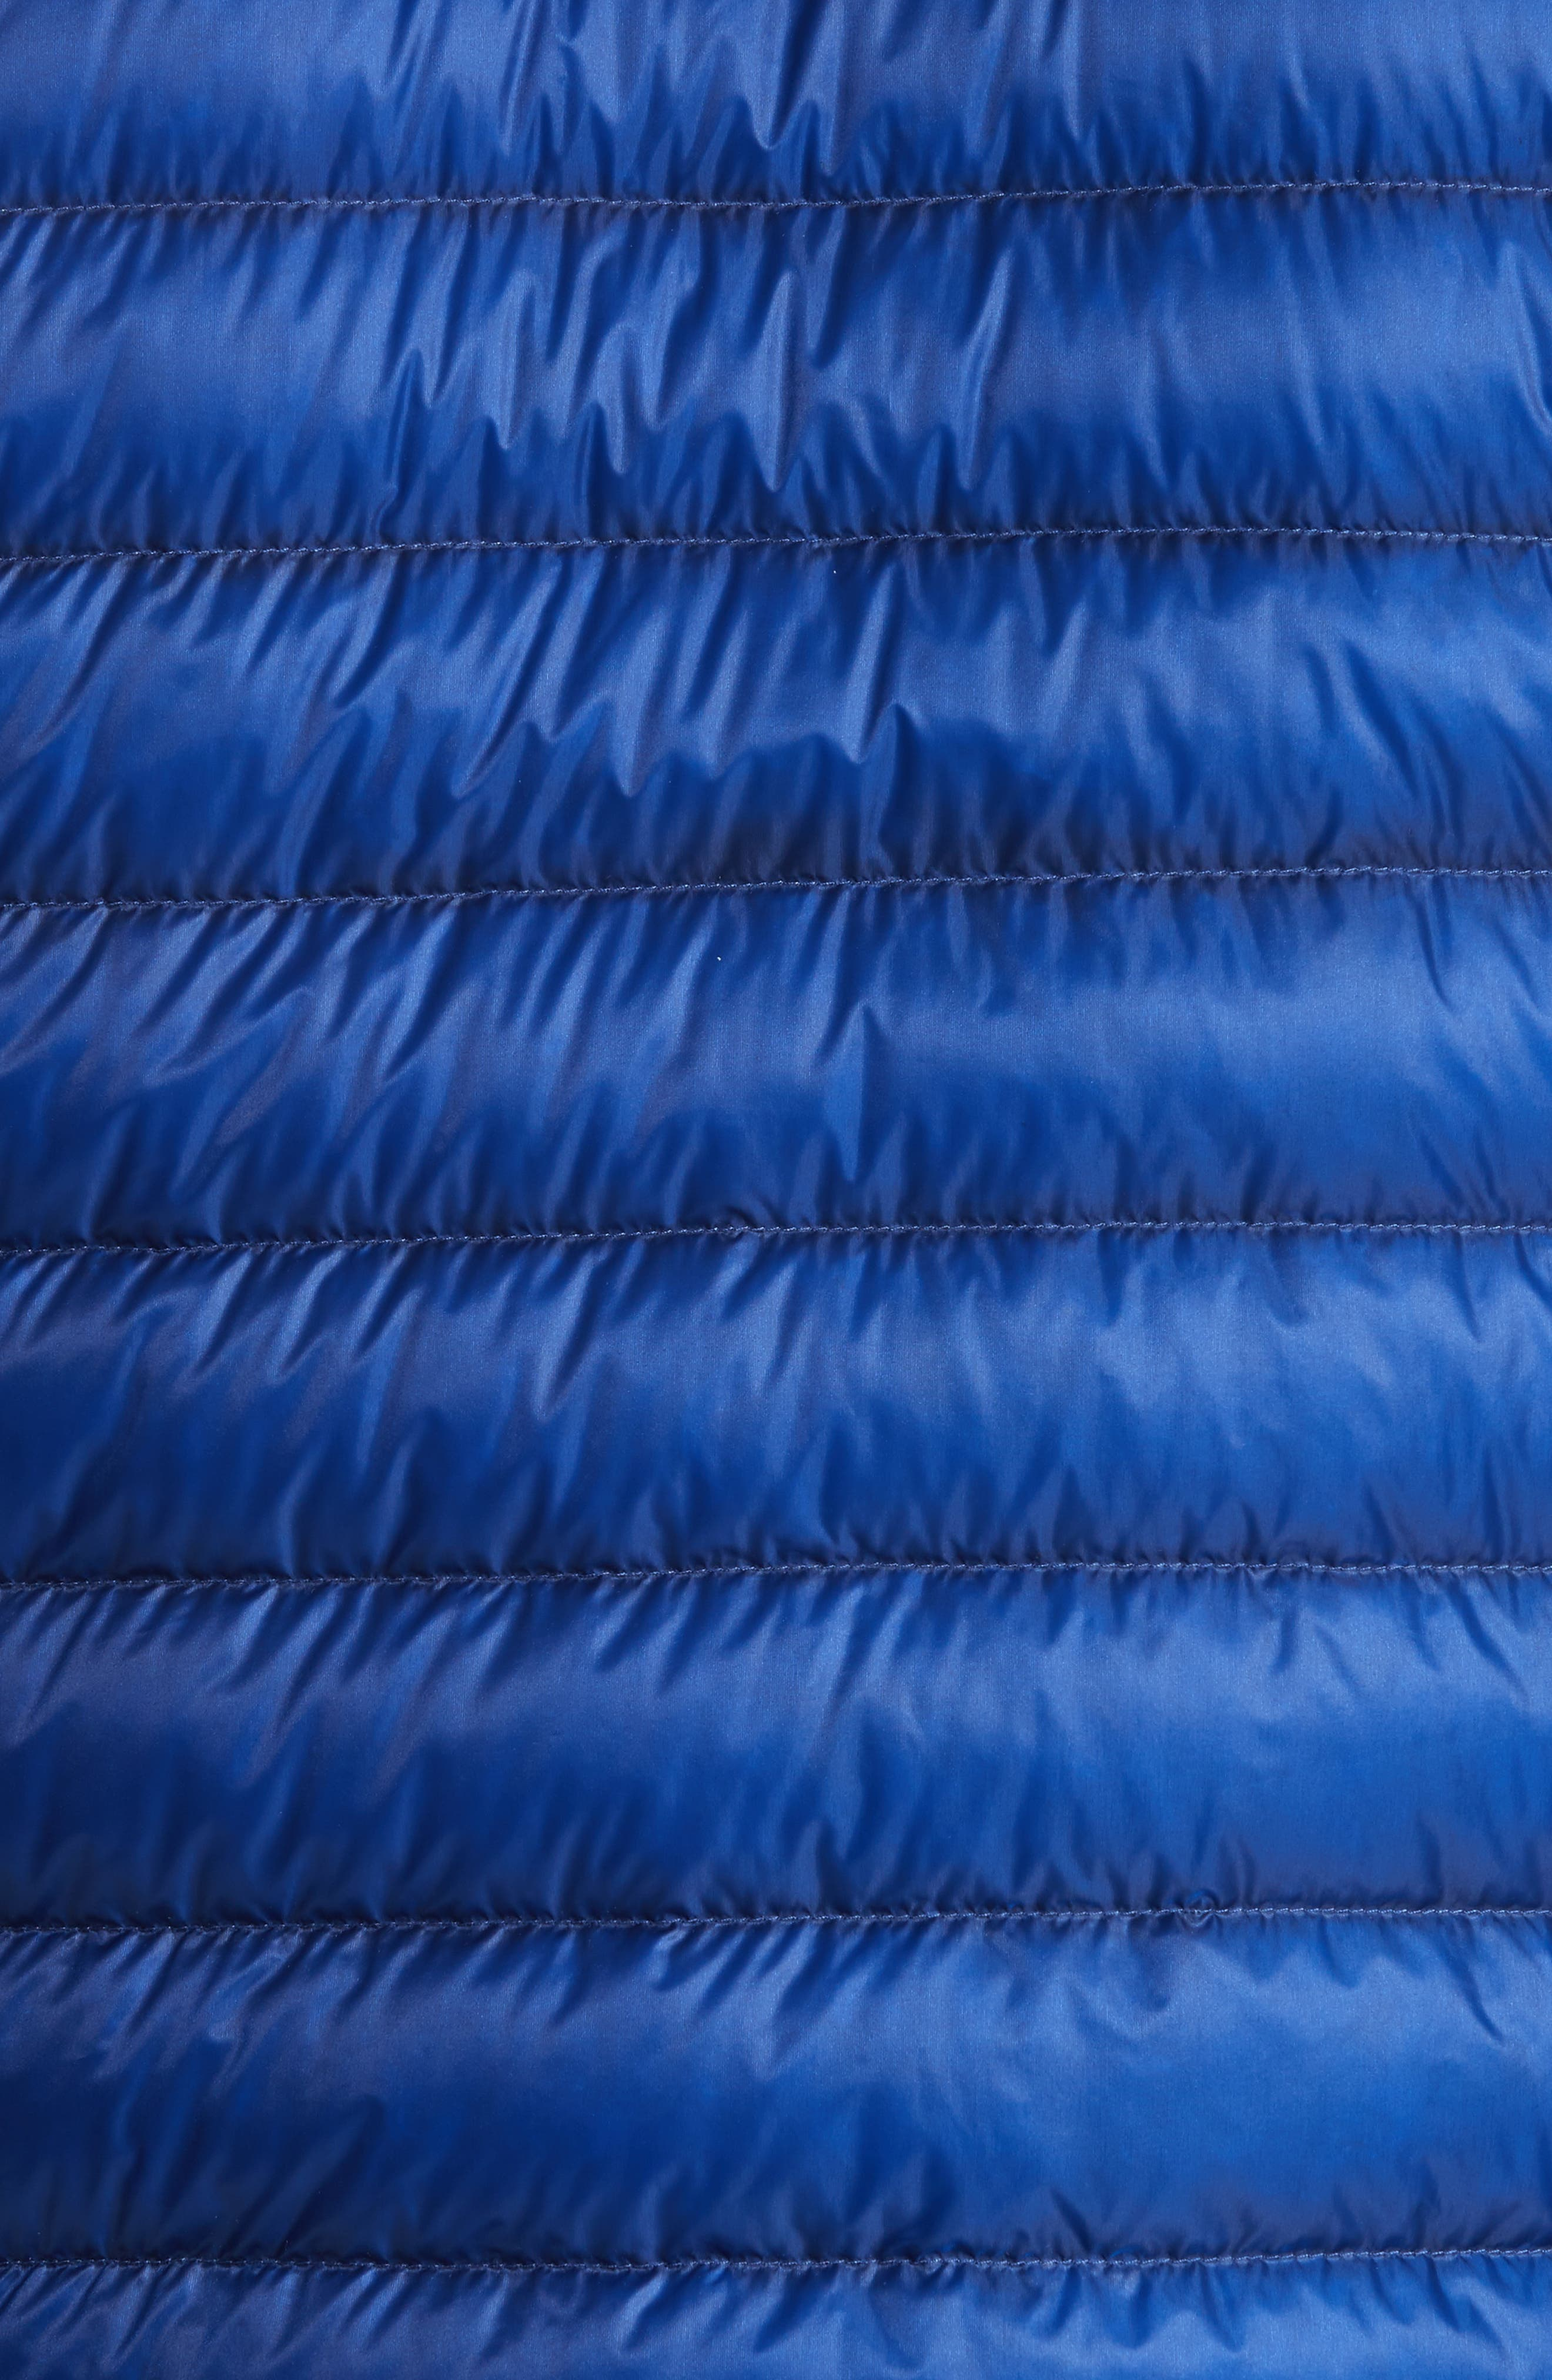 Daniel Packable Down Jacket,                             Alternate thumbnail 5, color,                             Bright Blue